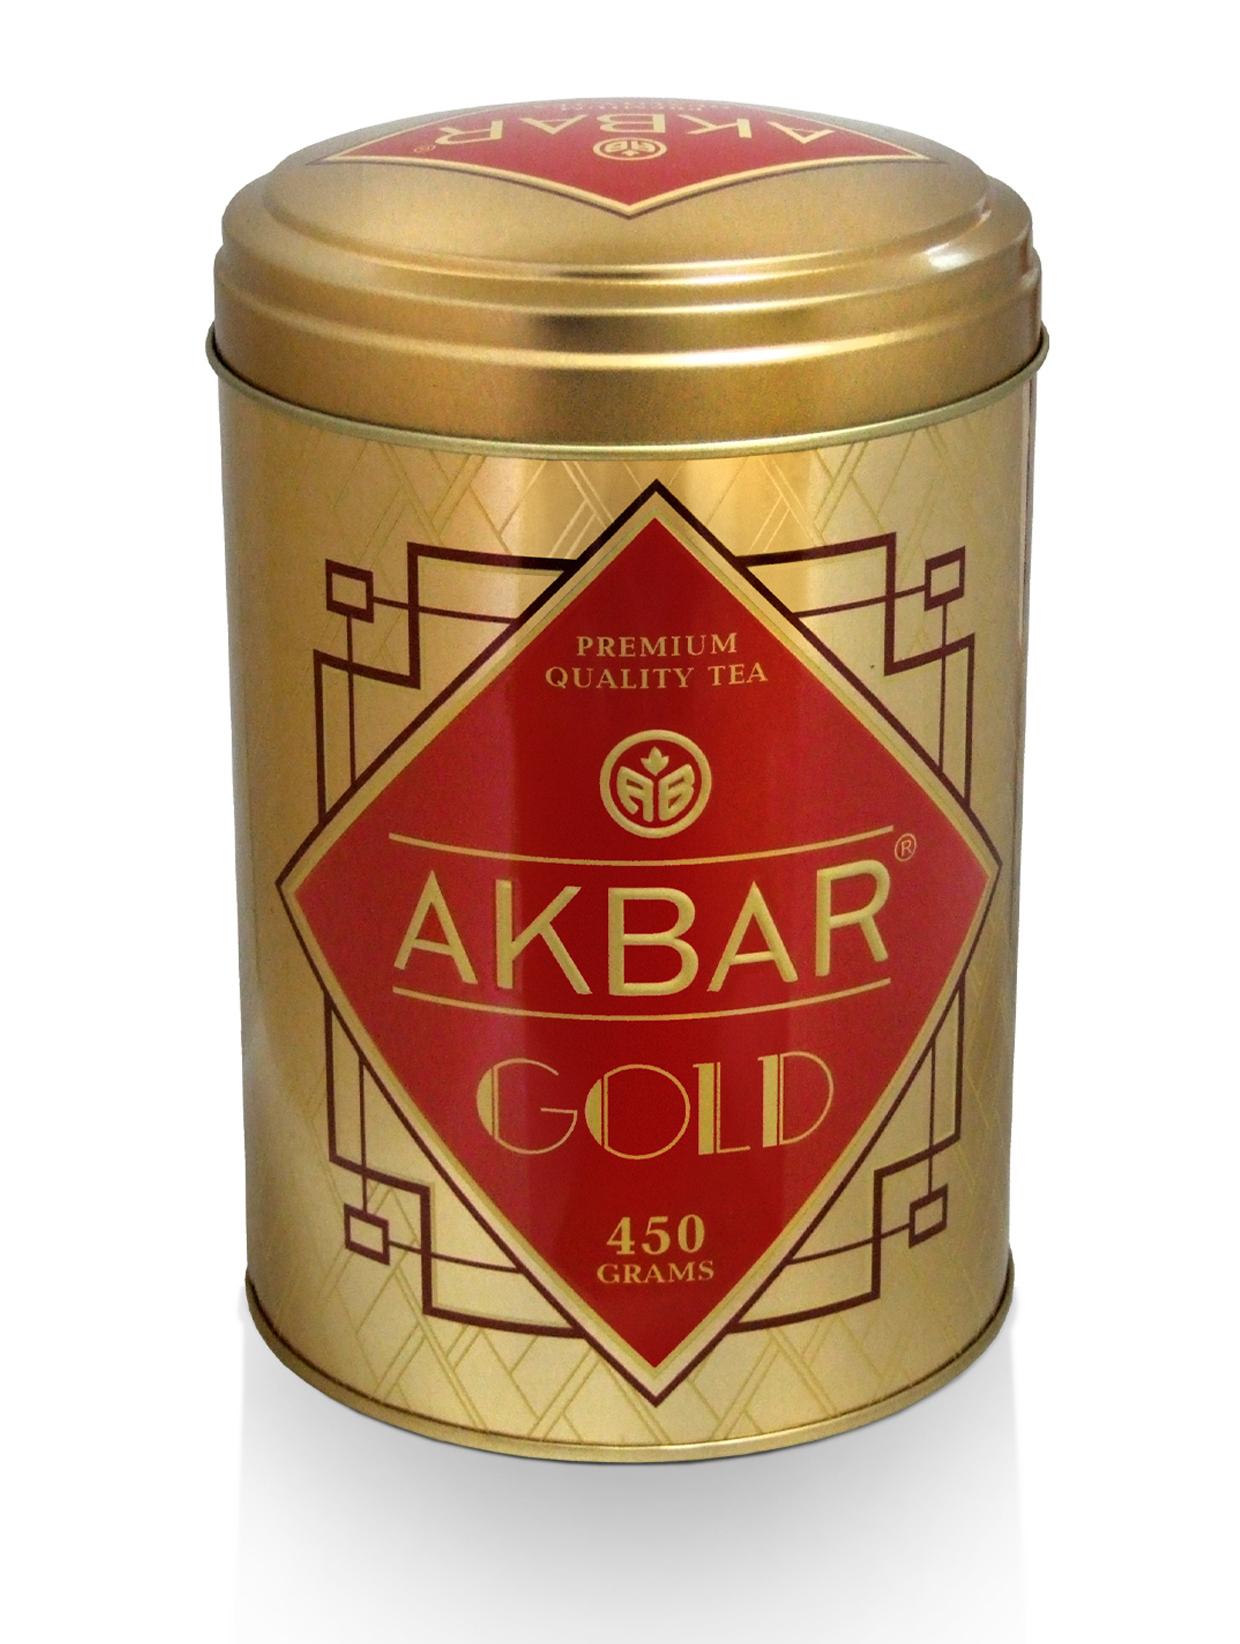 АКБАР GOLD, черный байховый цейлонский чай, жестяная банка, 450 гр.